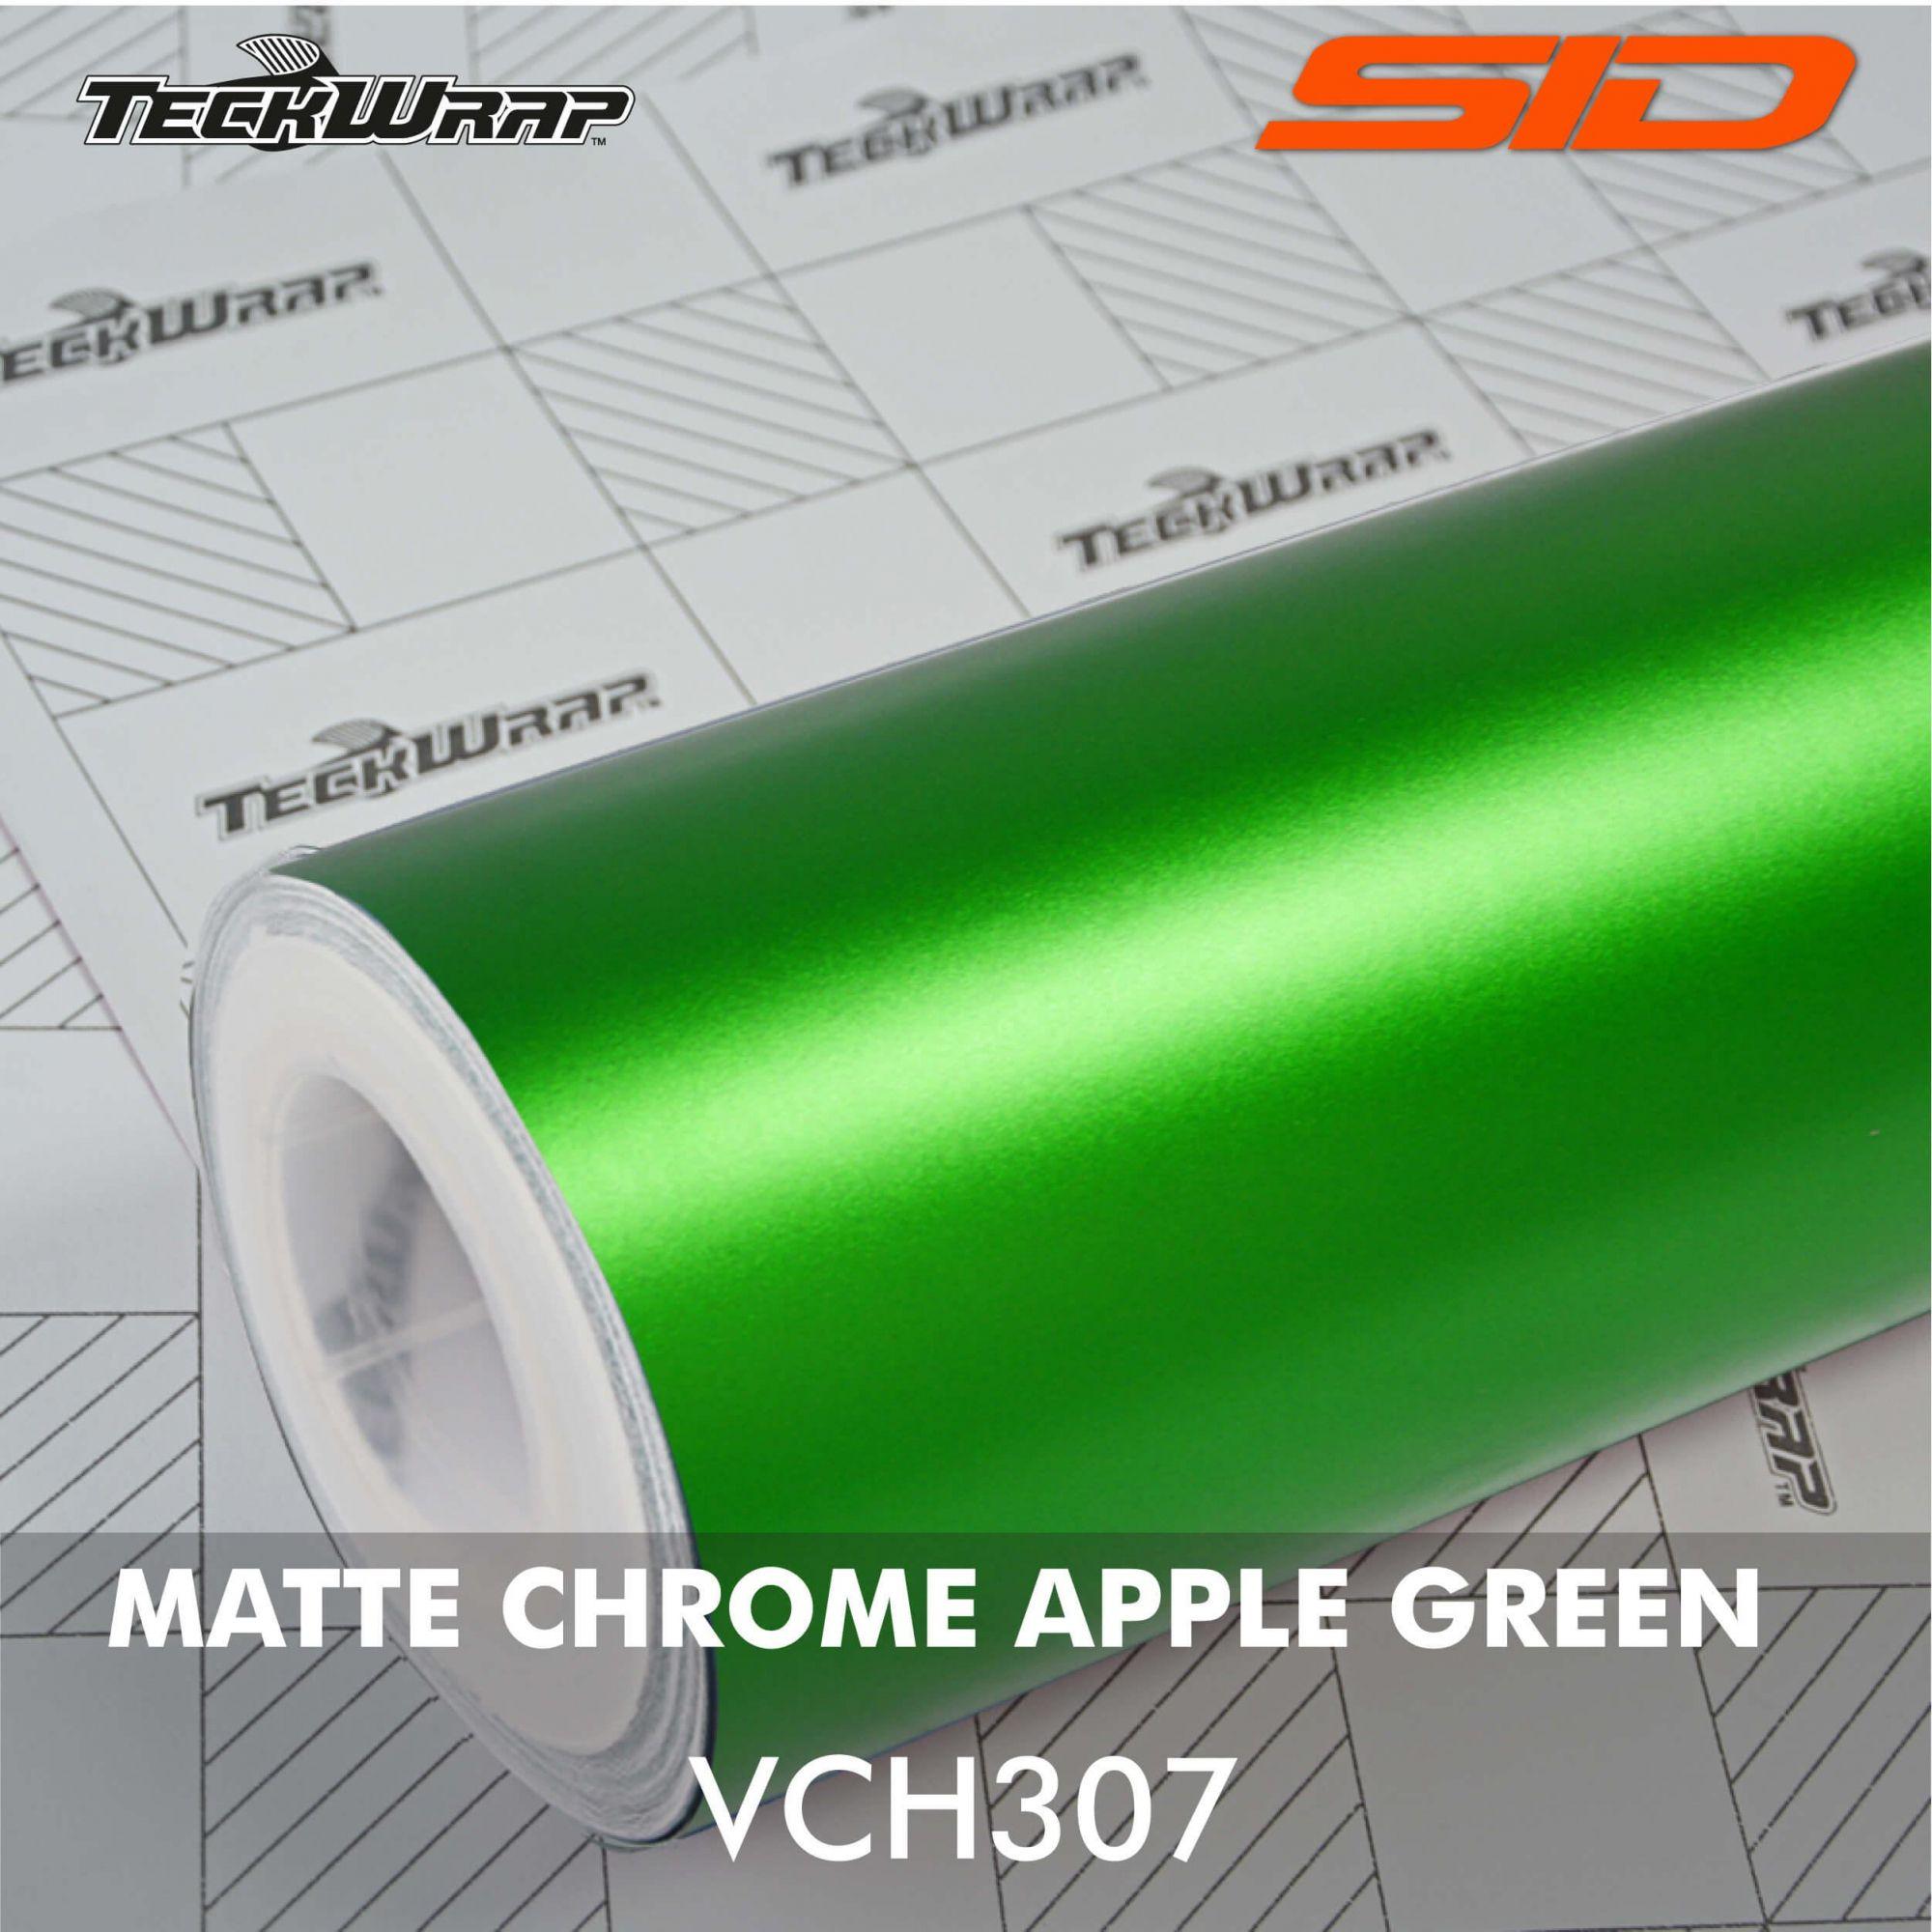 Vinil TeckWrap - Matte Chrome Rolo Fechado